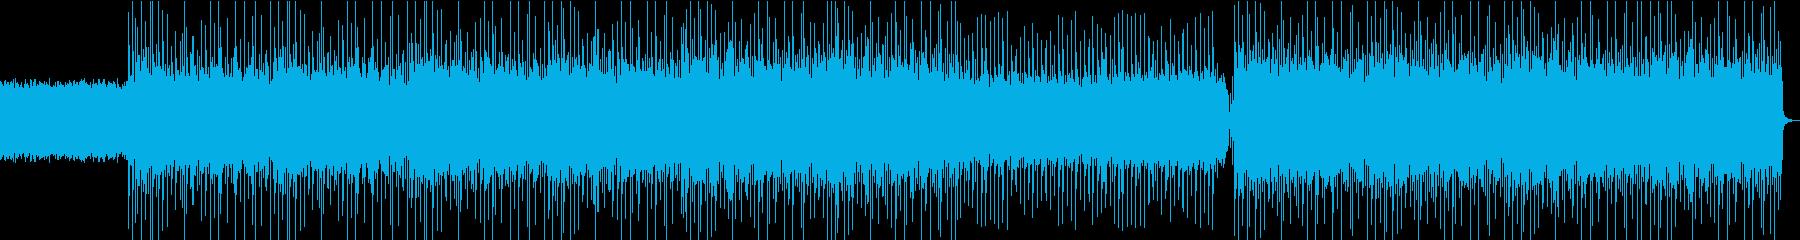 荒々しいUKロック風なインスト曲の再生済みの波形